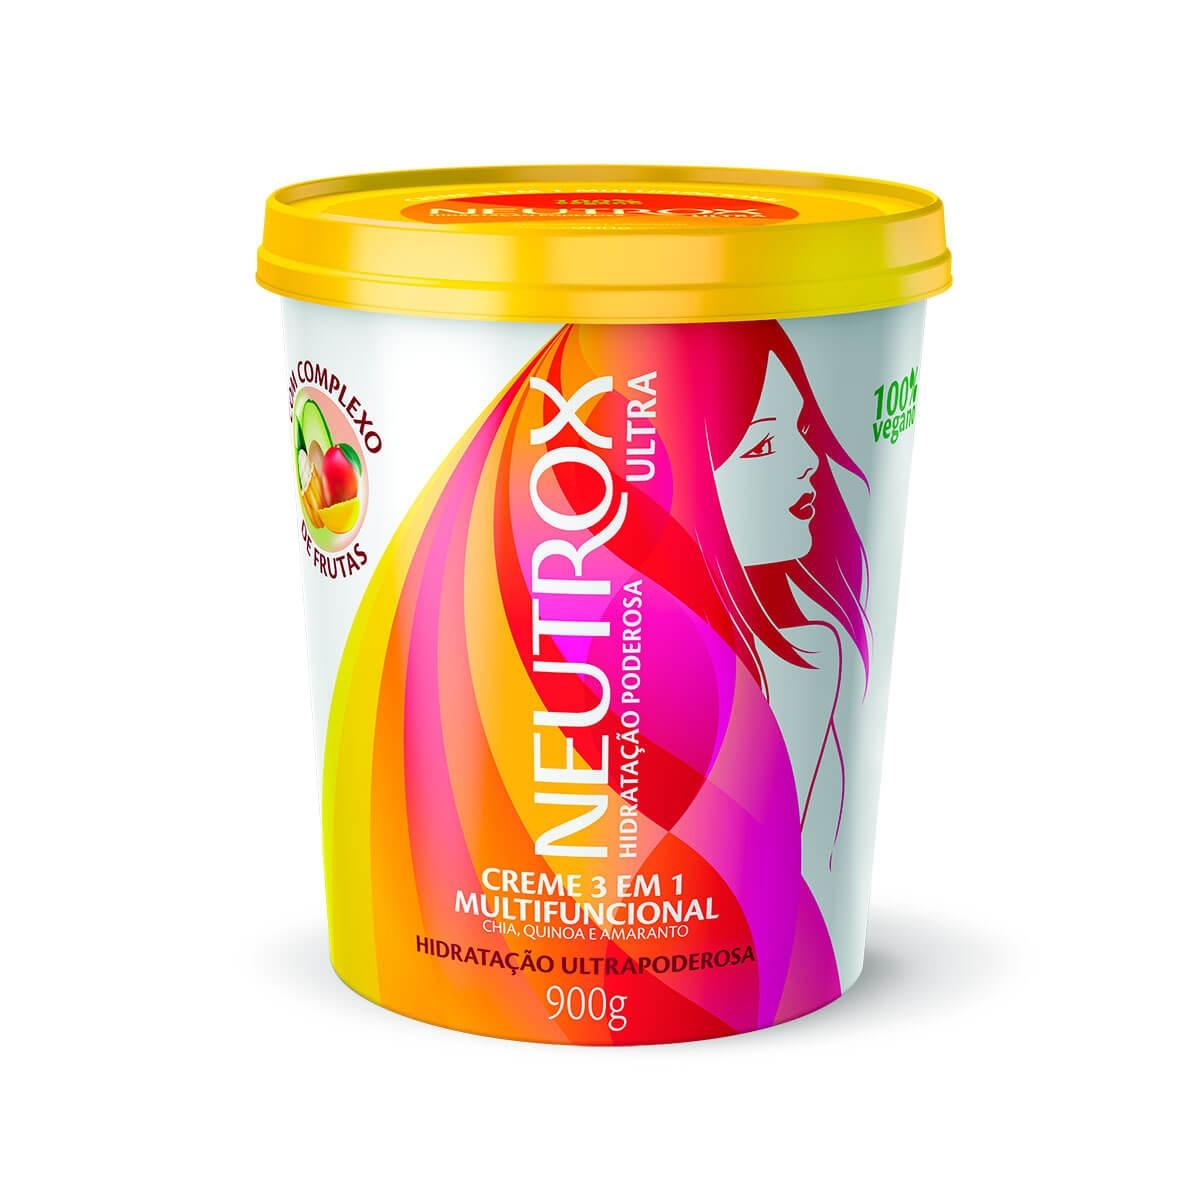 Creme 3 em 1 Multifuncional Neutrox Hidratação Ultrapoderosa 100% Vegano com 900g 900g